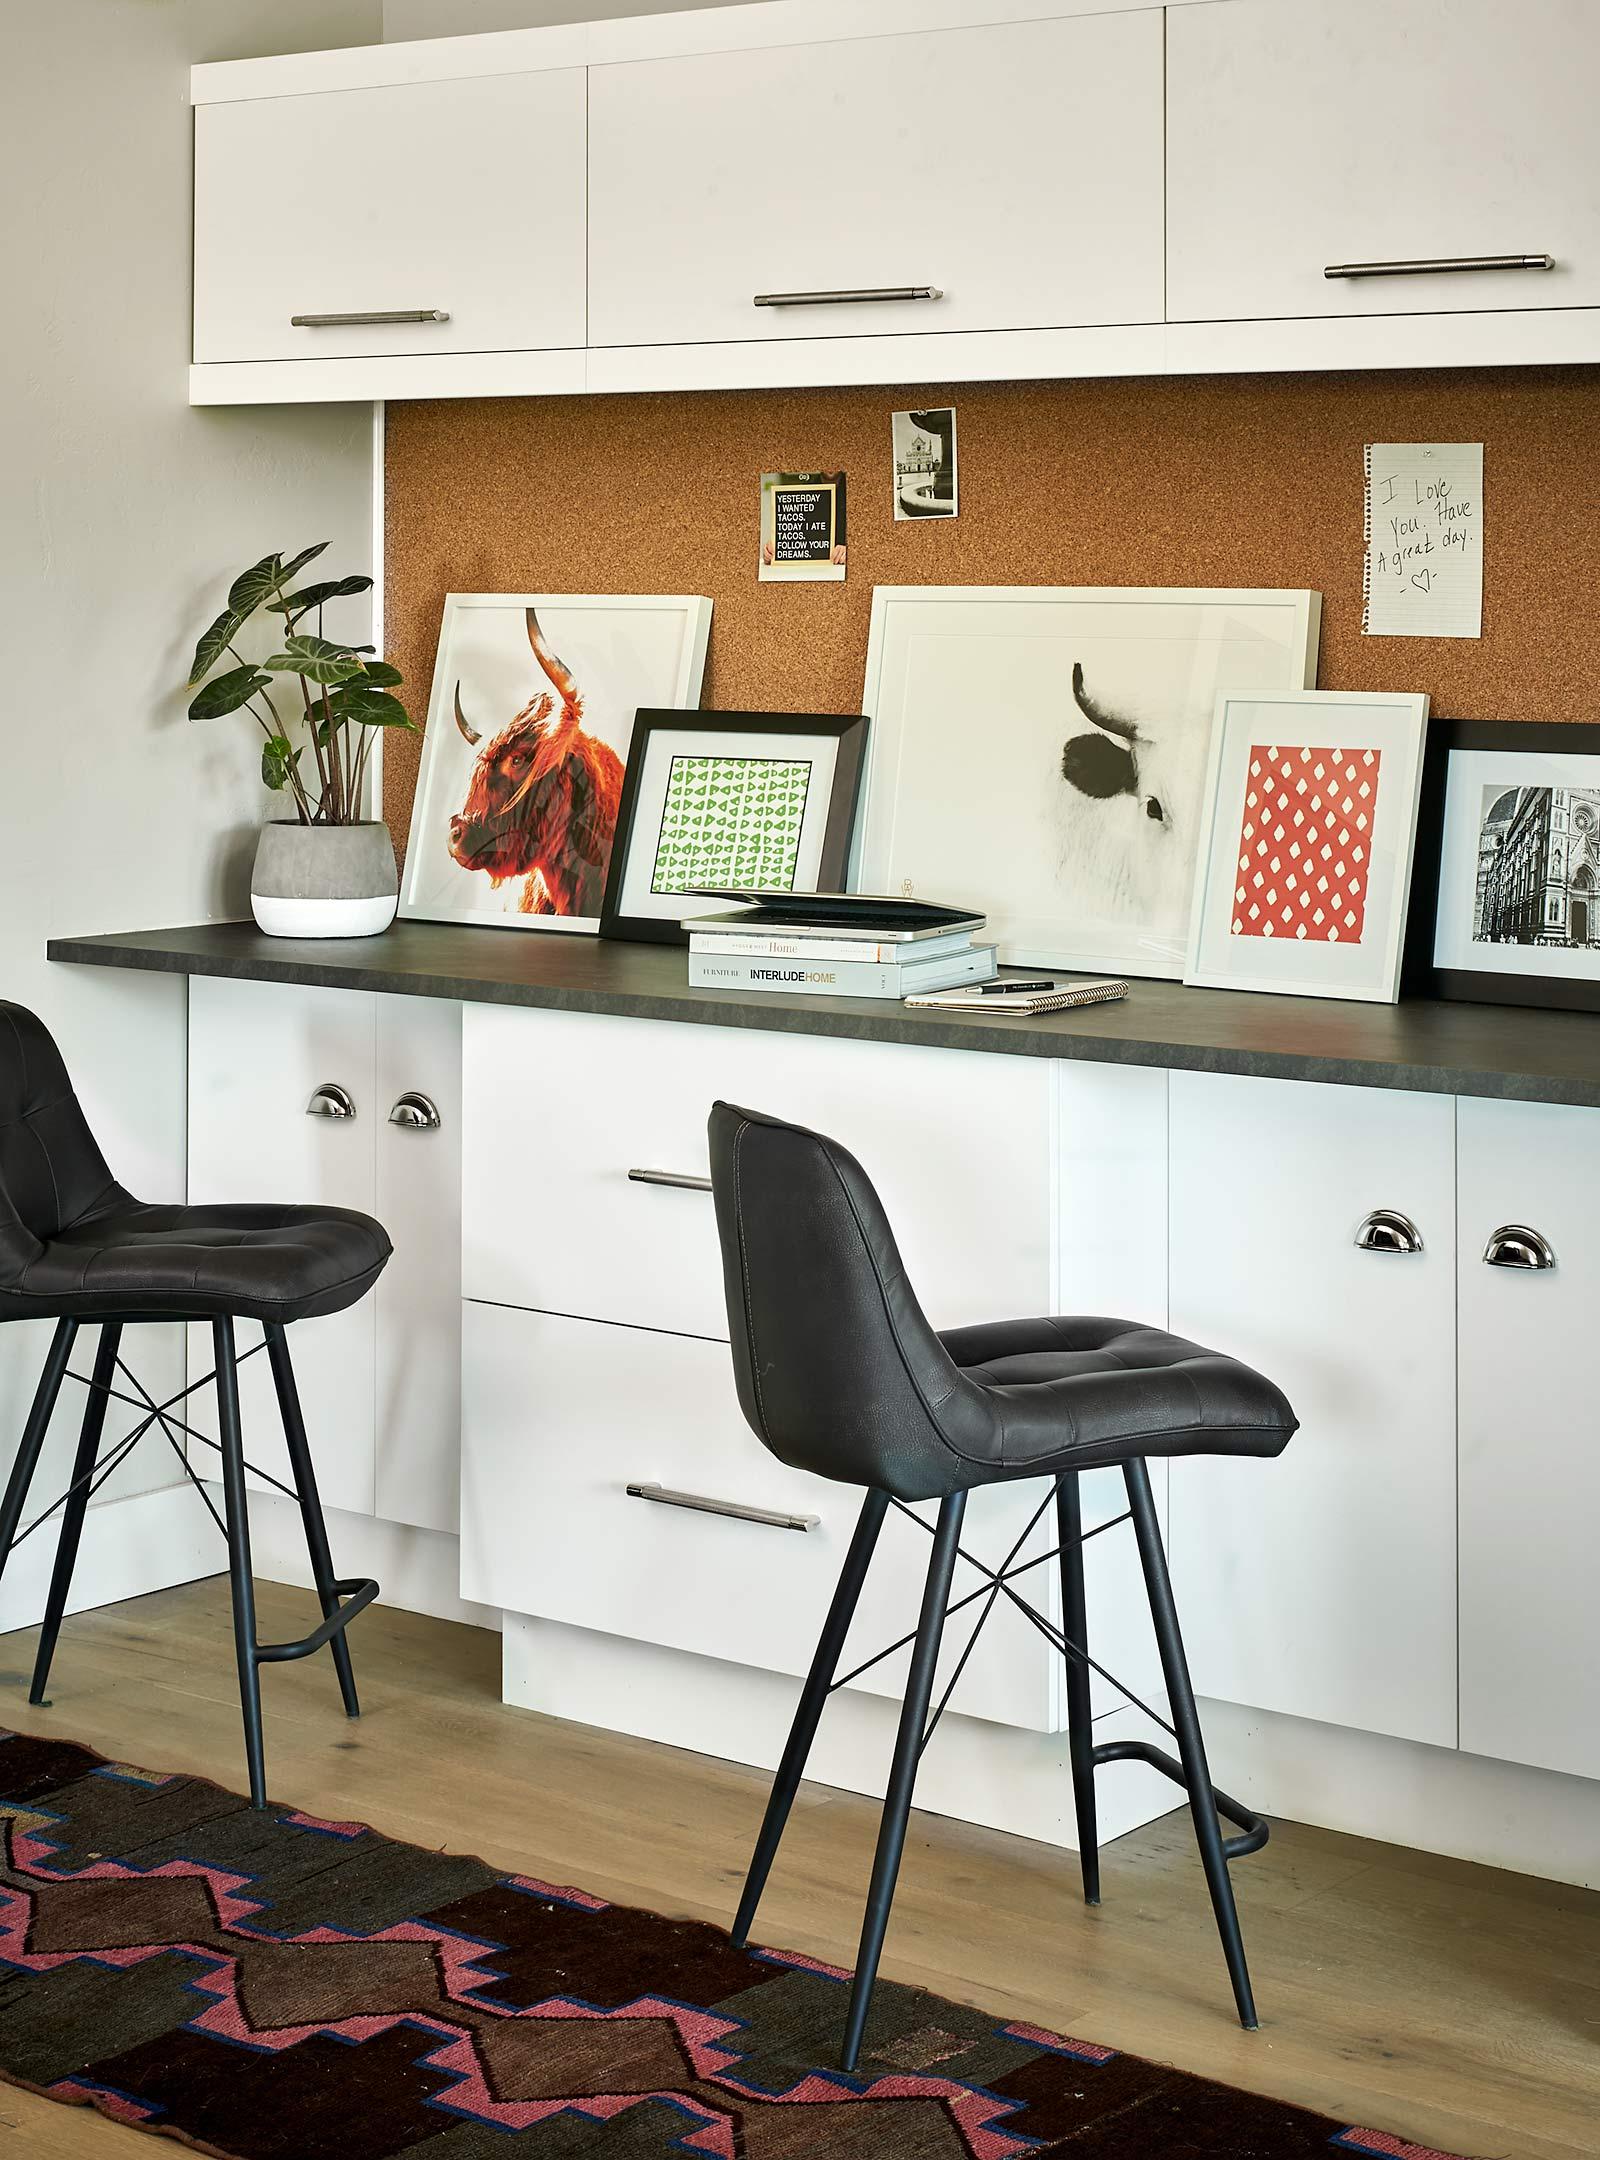 Rumors-Cassie-Interiors-07-12-19-Work-Station-Desk-Web.jpg